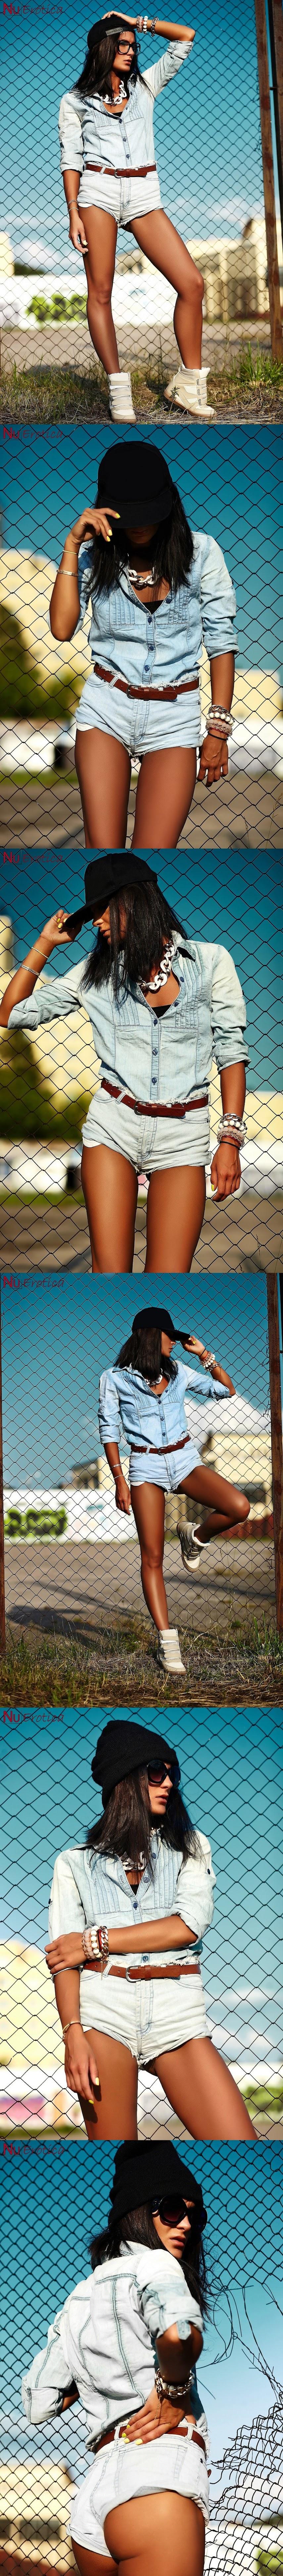 2014-11-02_Yulia_Burnos_-_Yulia_Burnos_Babe_In_Shorts.zip-jk- NuErotica 2014-11-02 Yulia Burnos - Yulia Burnos Babe In Shorts